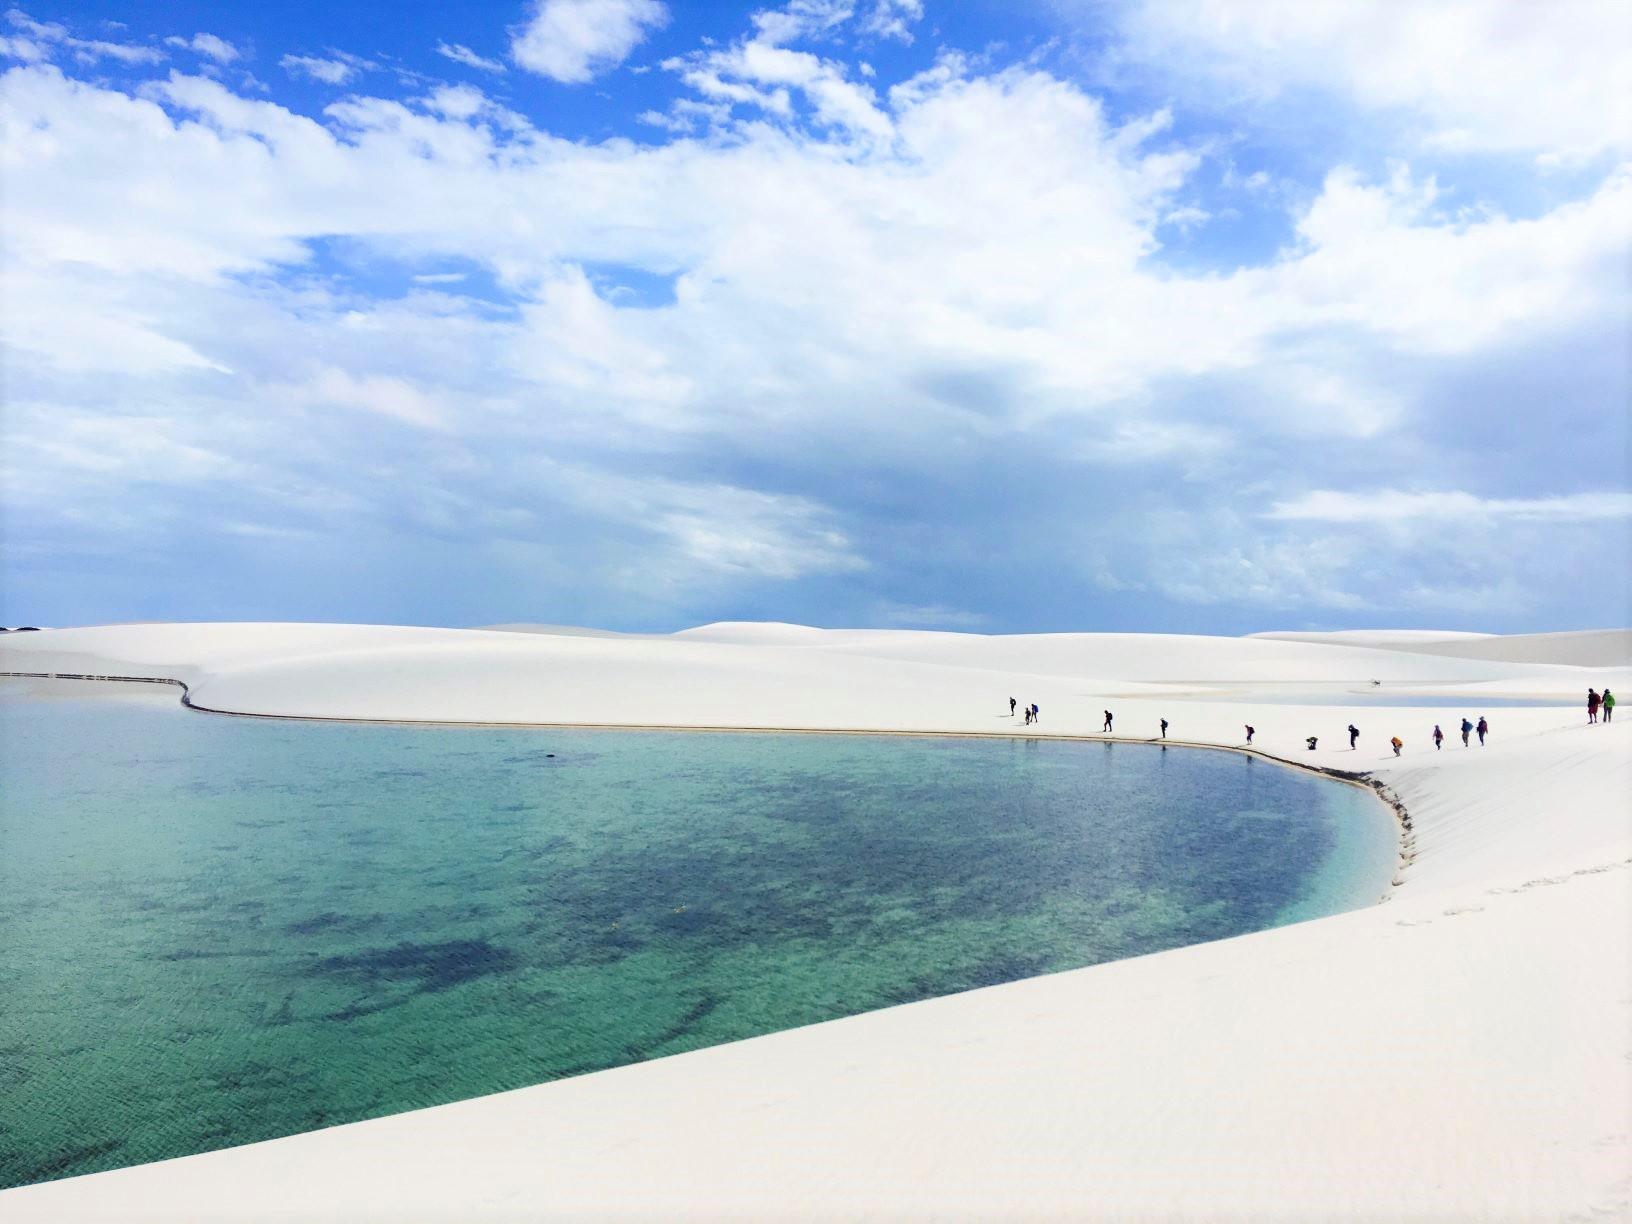 ブラジルの絶景 レンソイス白砂漠トレッキングとアマゾン・ジャングルロッジ滞在 13日間